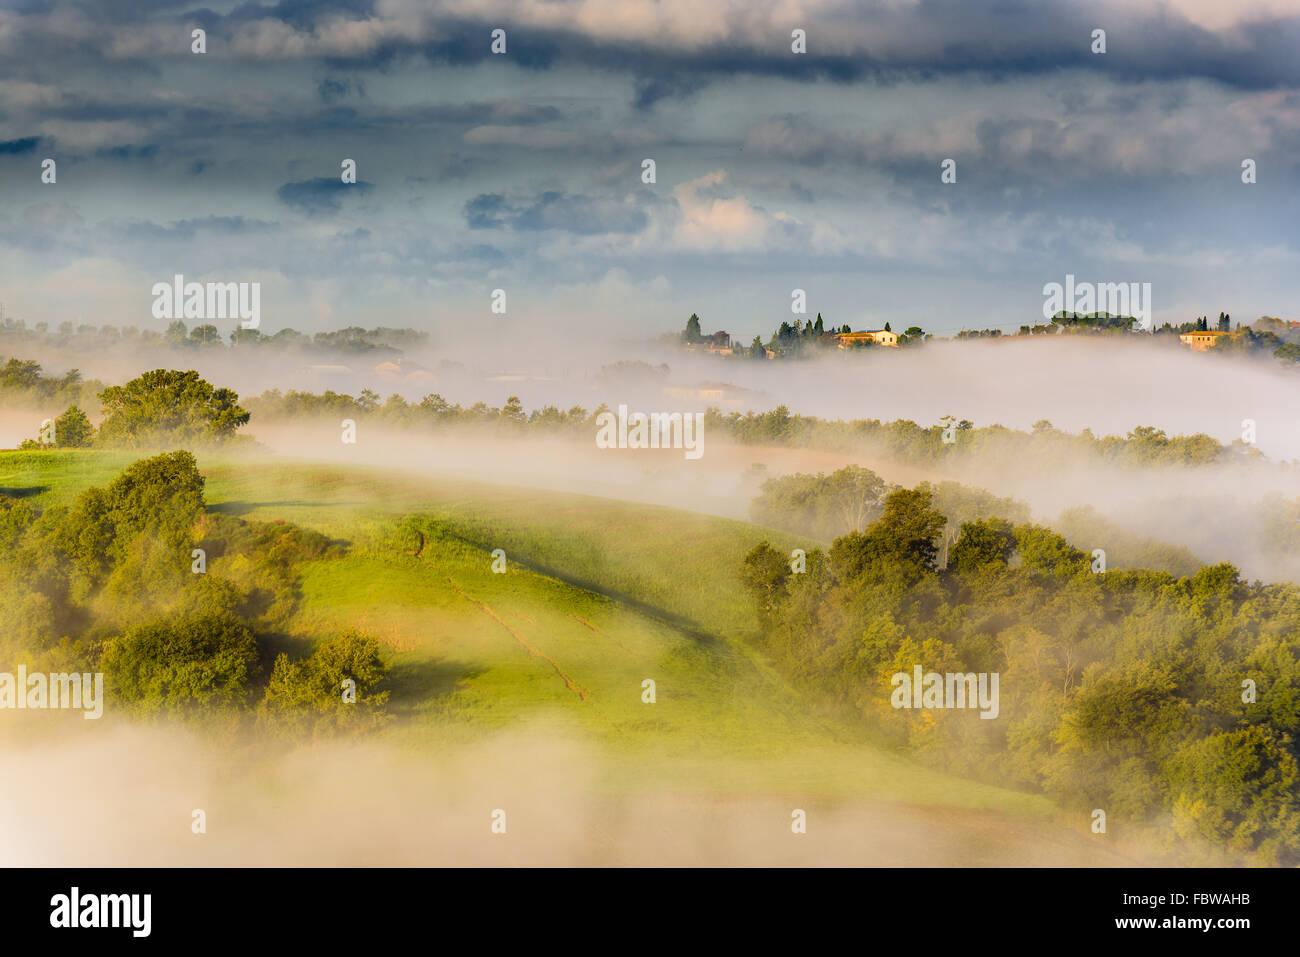 Bäume und Obstgärten auf den italienischen Feldern. Toskana Herbst Tag. Stockbild